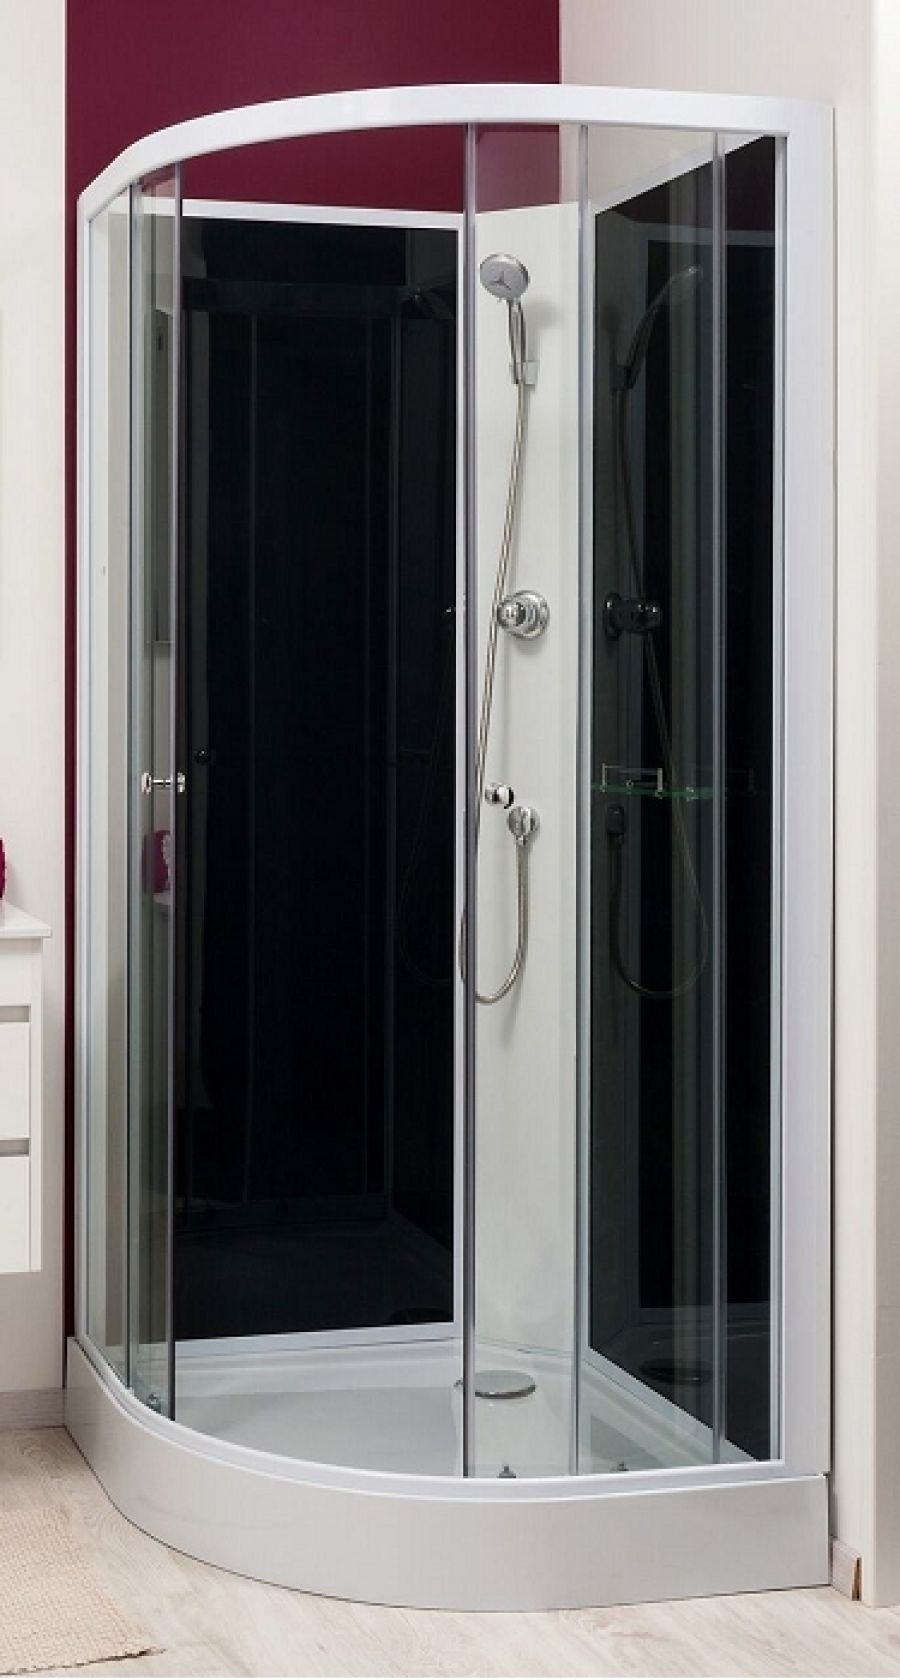 Cabine de douche gena blanc sans silicone 80 - Cabine de douche sans joint silicone ...